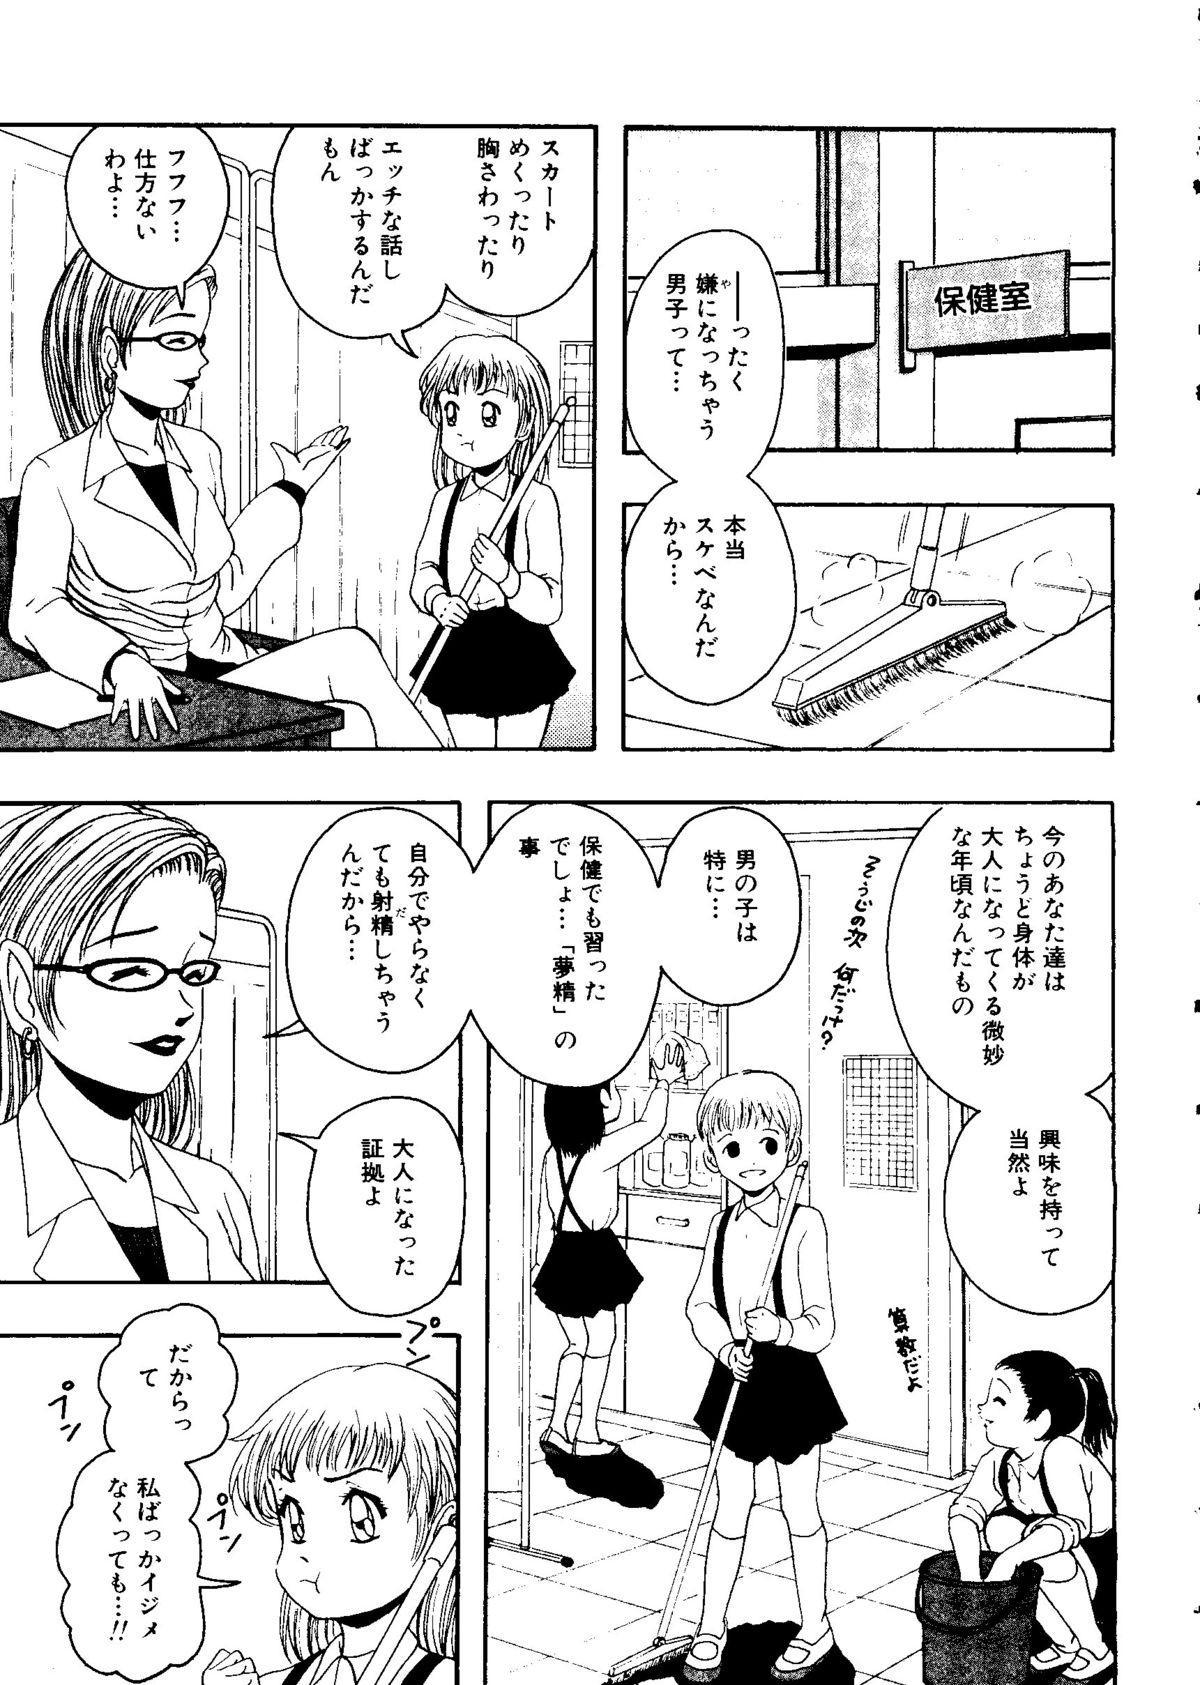 Mujirushi Youhin Vol. 7 83